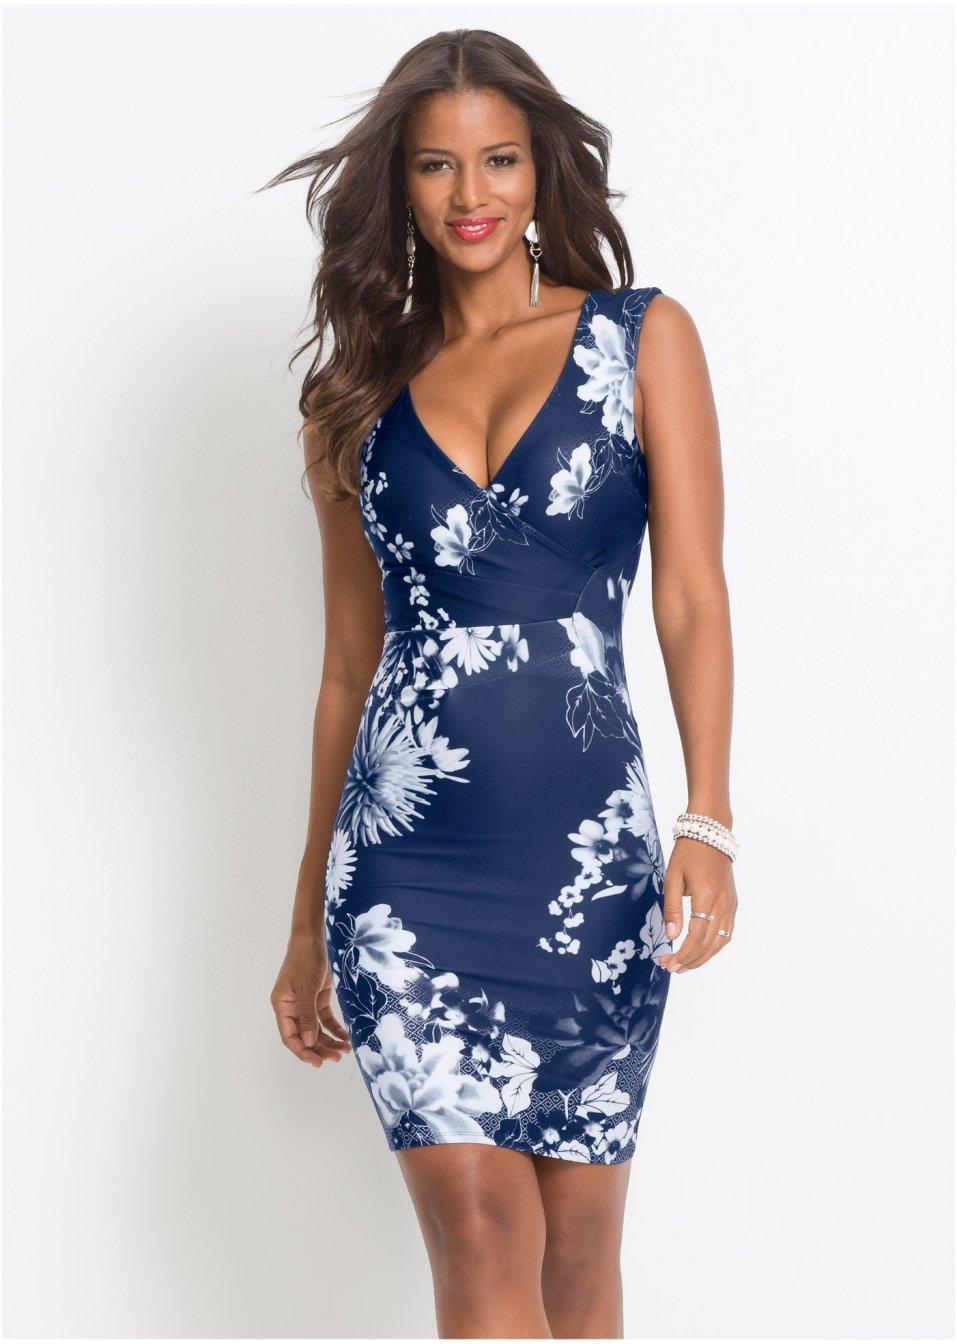 Kleid mit Blumenprint blau/weiß - BODYFLIRT boutique ...